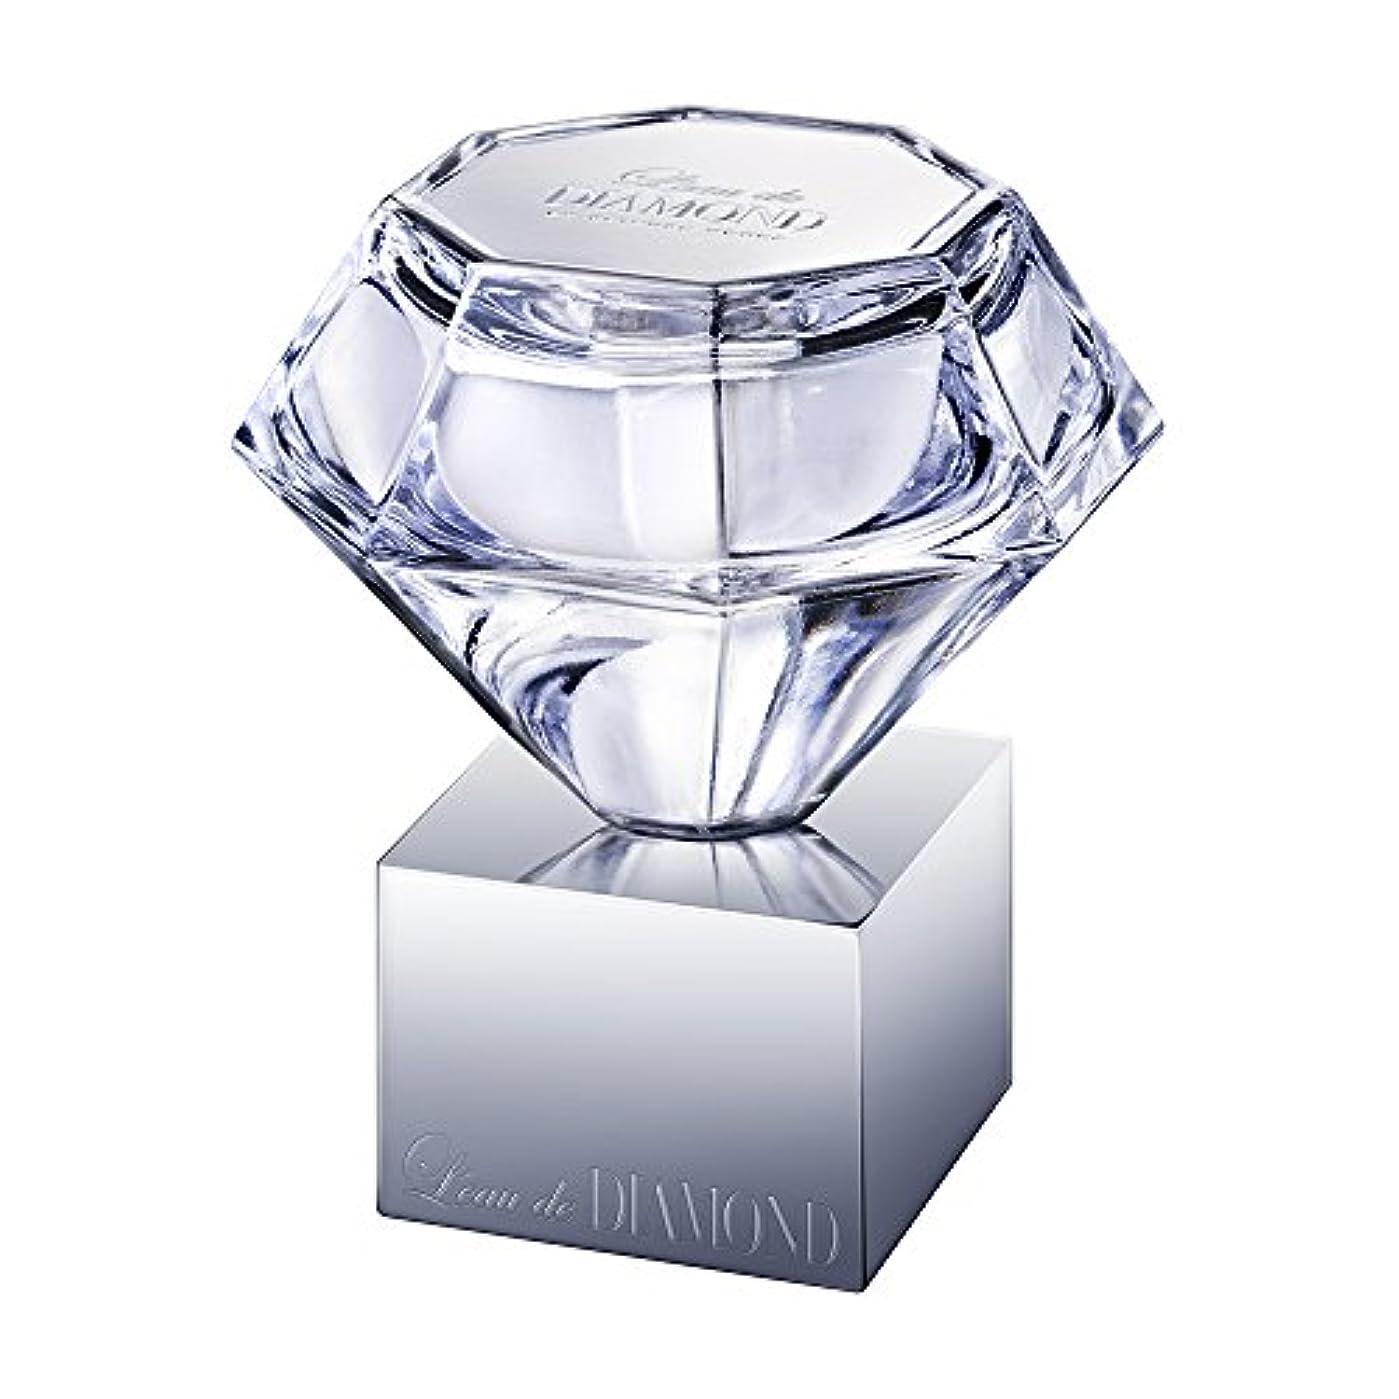 タイプ確立します歴史ロードダイアモンド バイ ケイスケ ホンダ オードパルファム(プールオム) 50ml